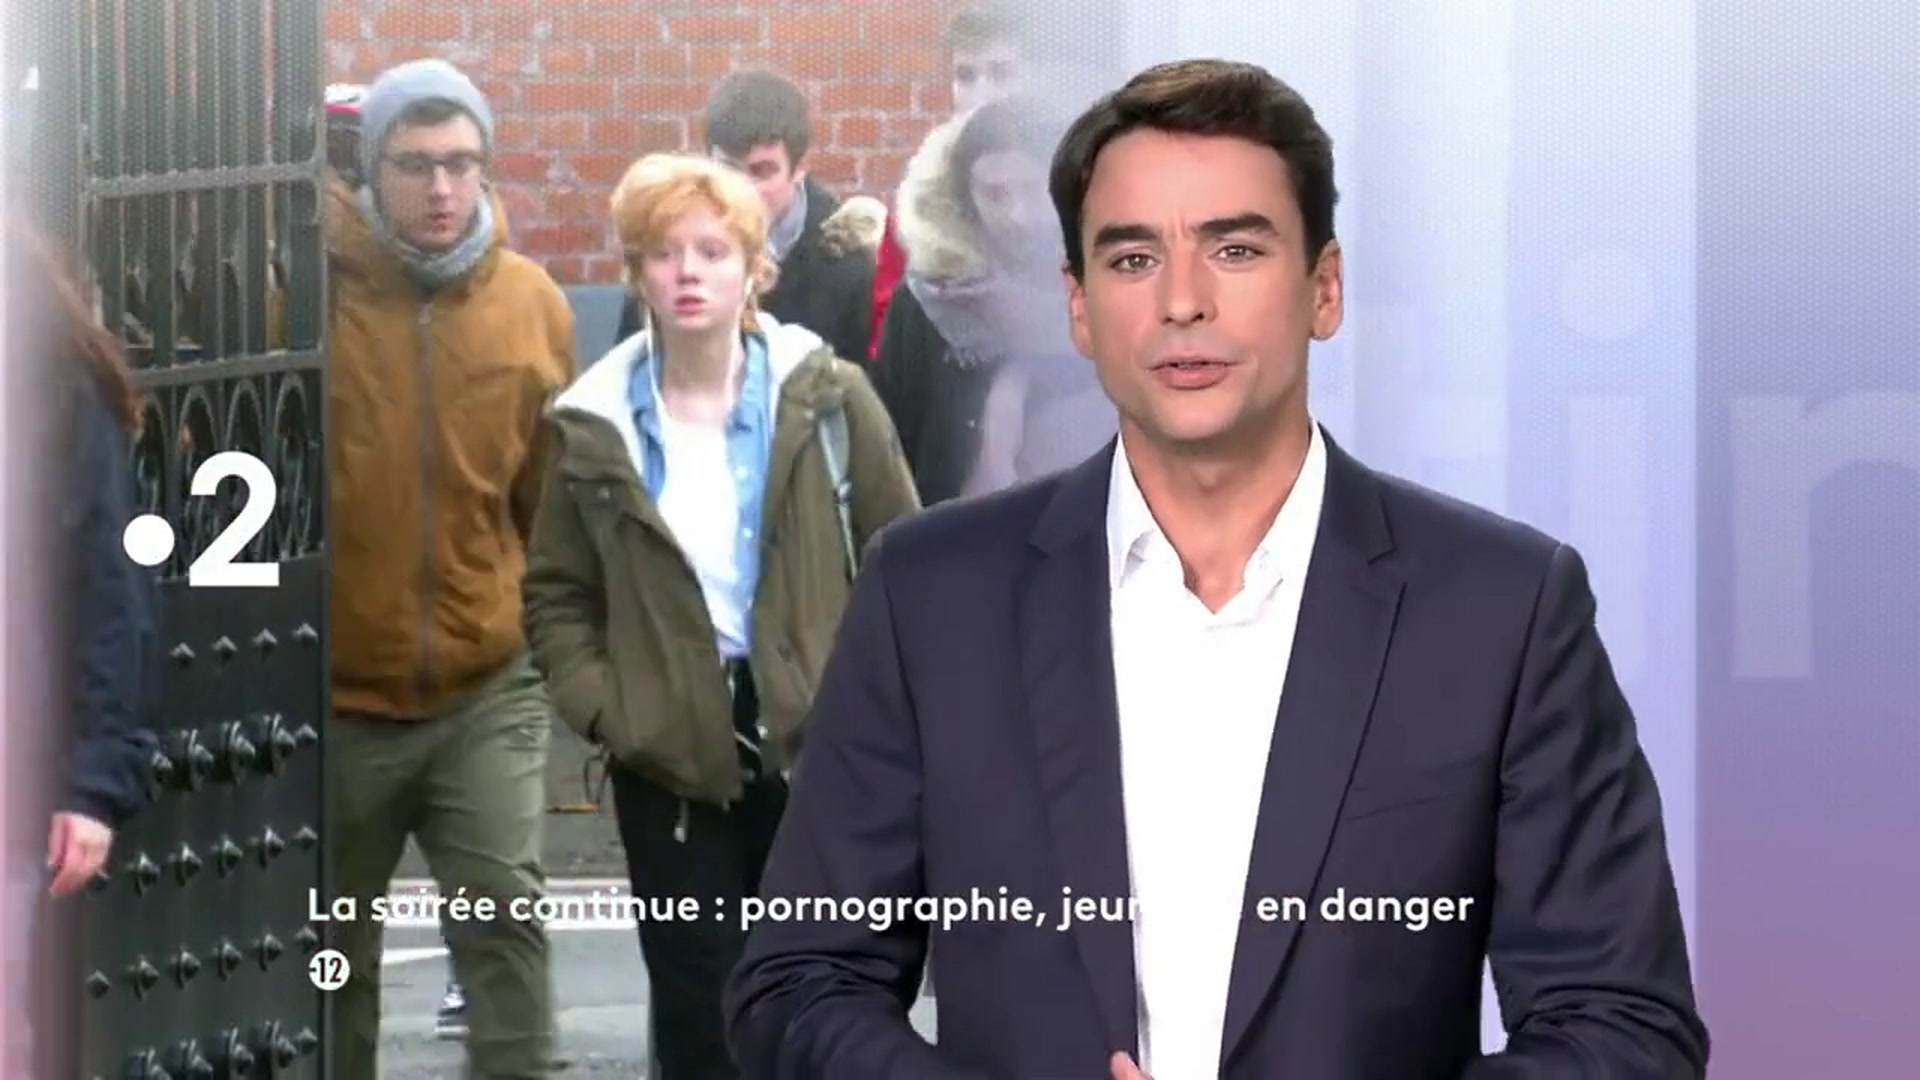 Débat : Pornographie : jeunesse en danger